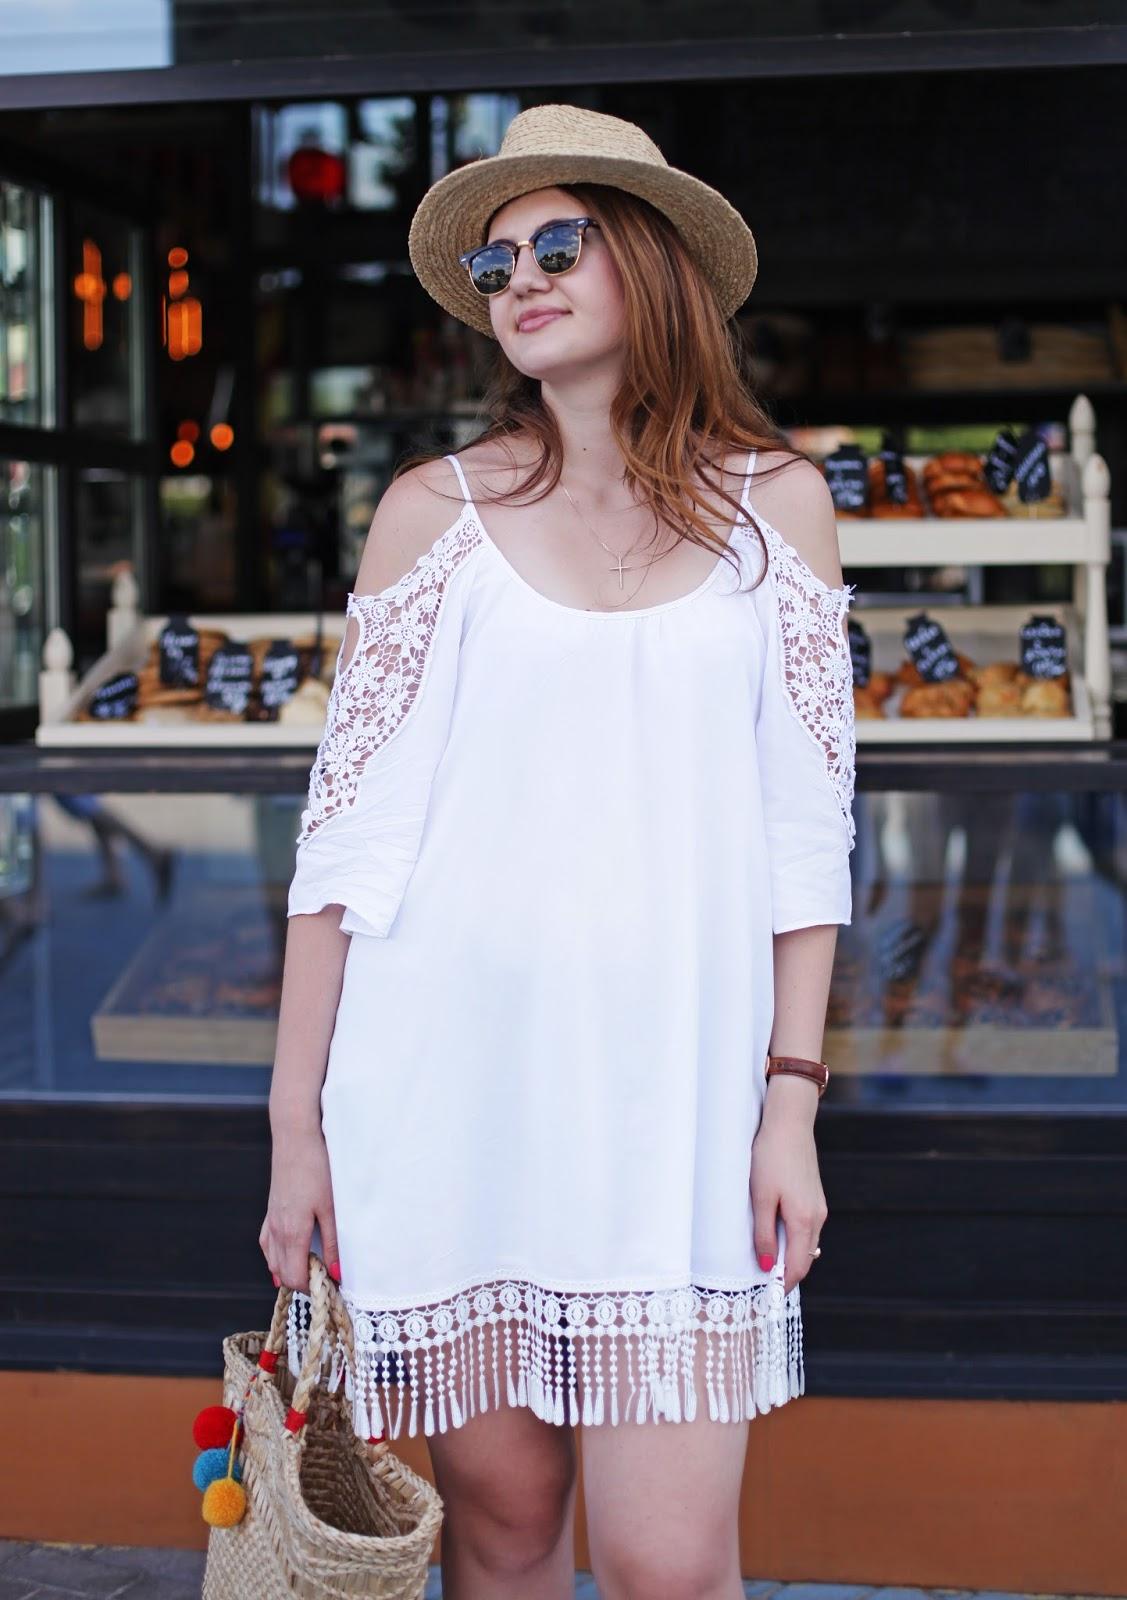 белое платье, тренд, как носить белое платье, соломенная шляпа, очки Ray-Ban,  модный блогер